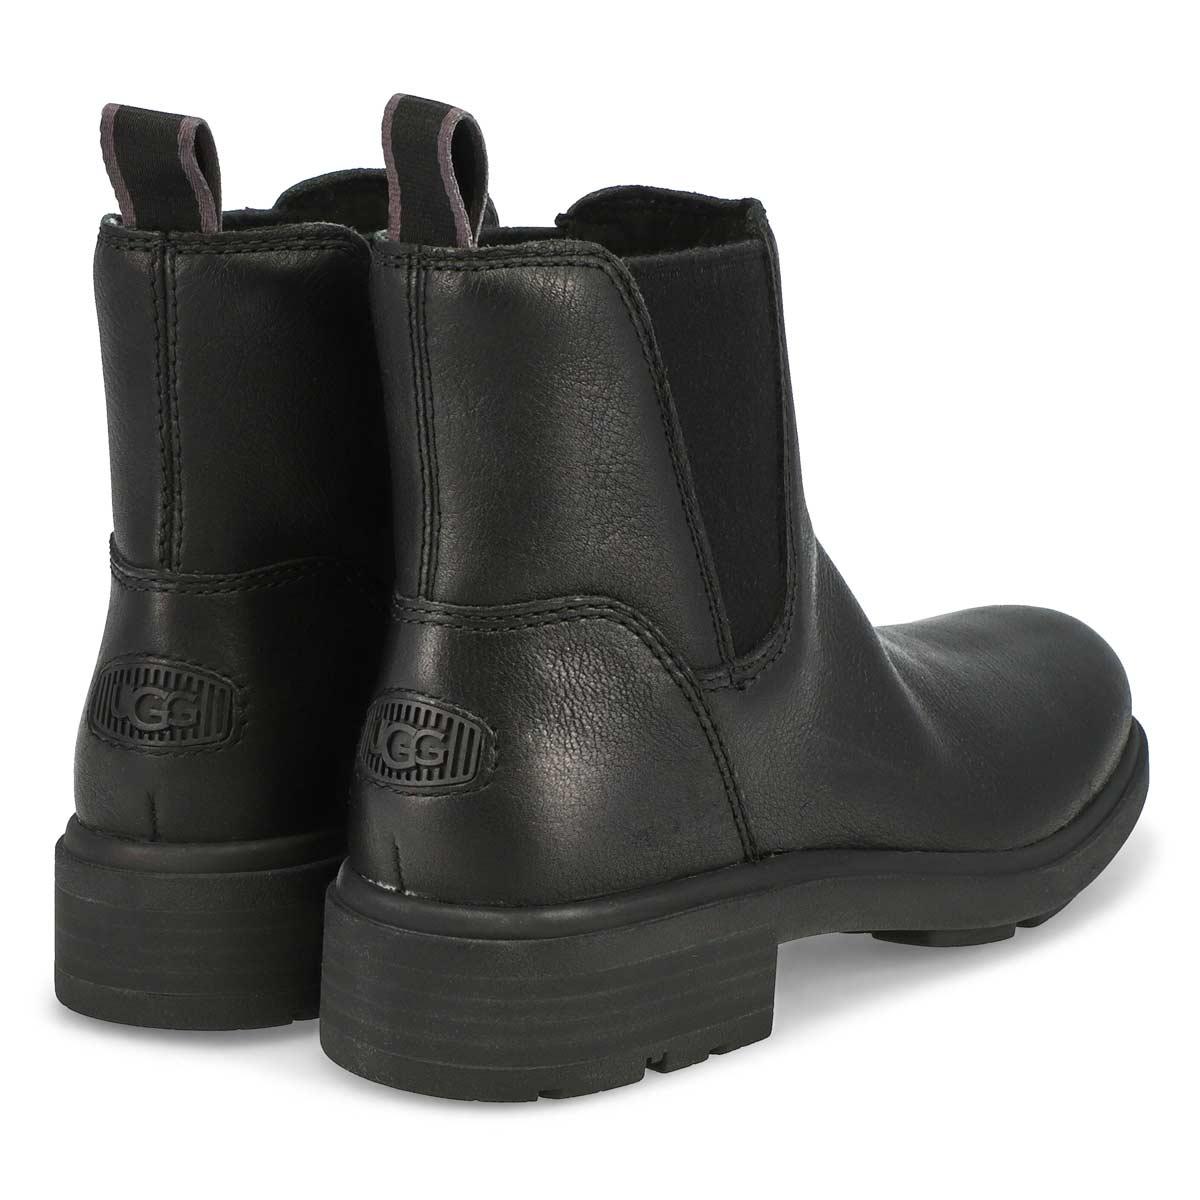 Women's Harrison Chelsea Waterproof Boot - Black